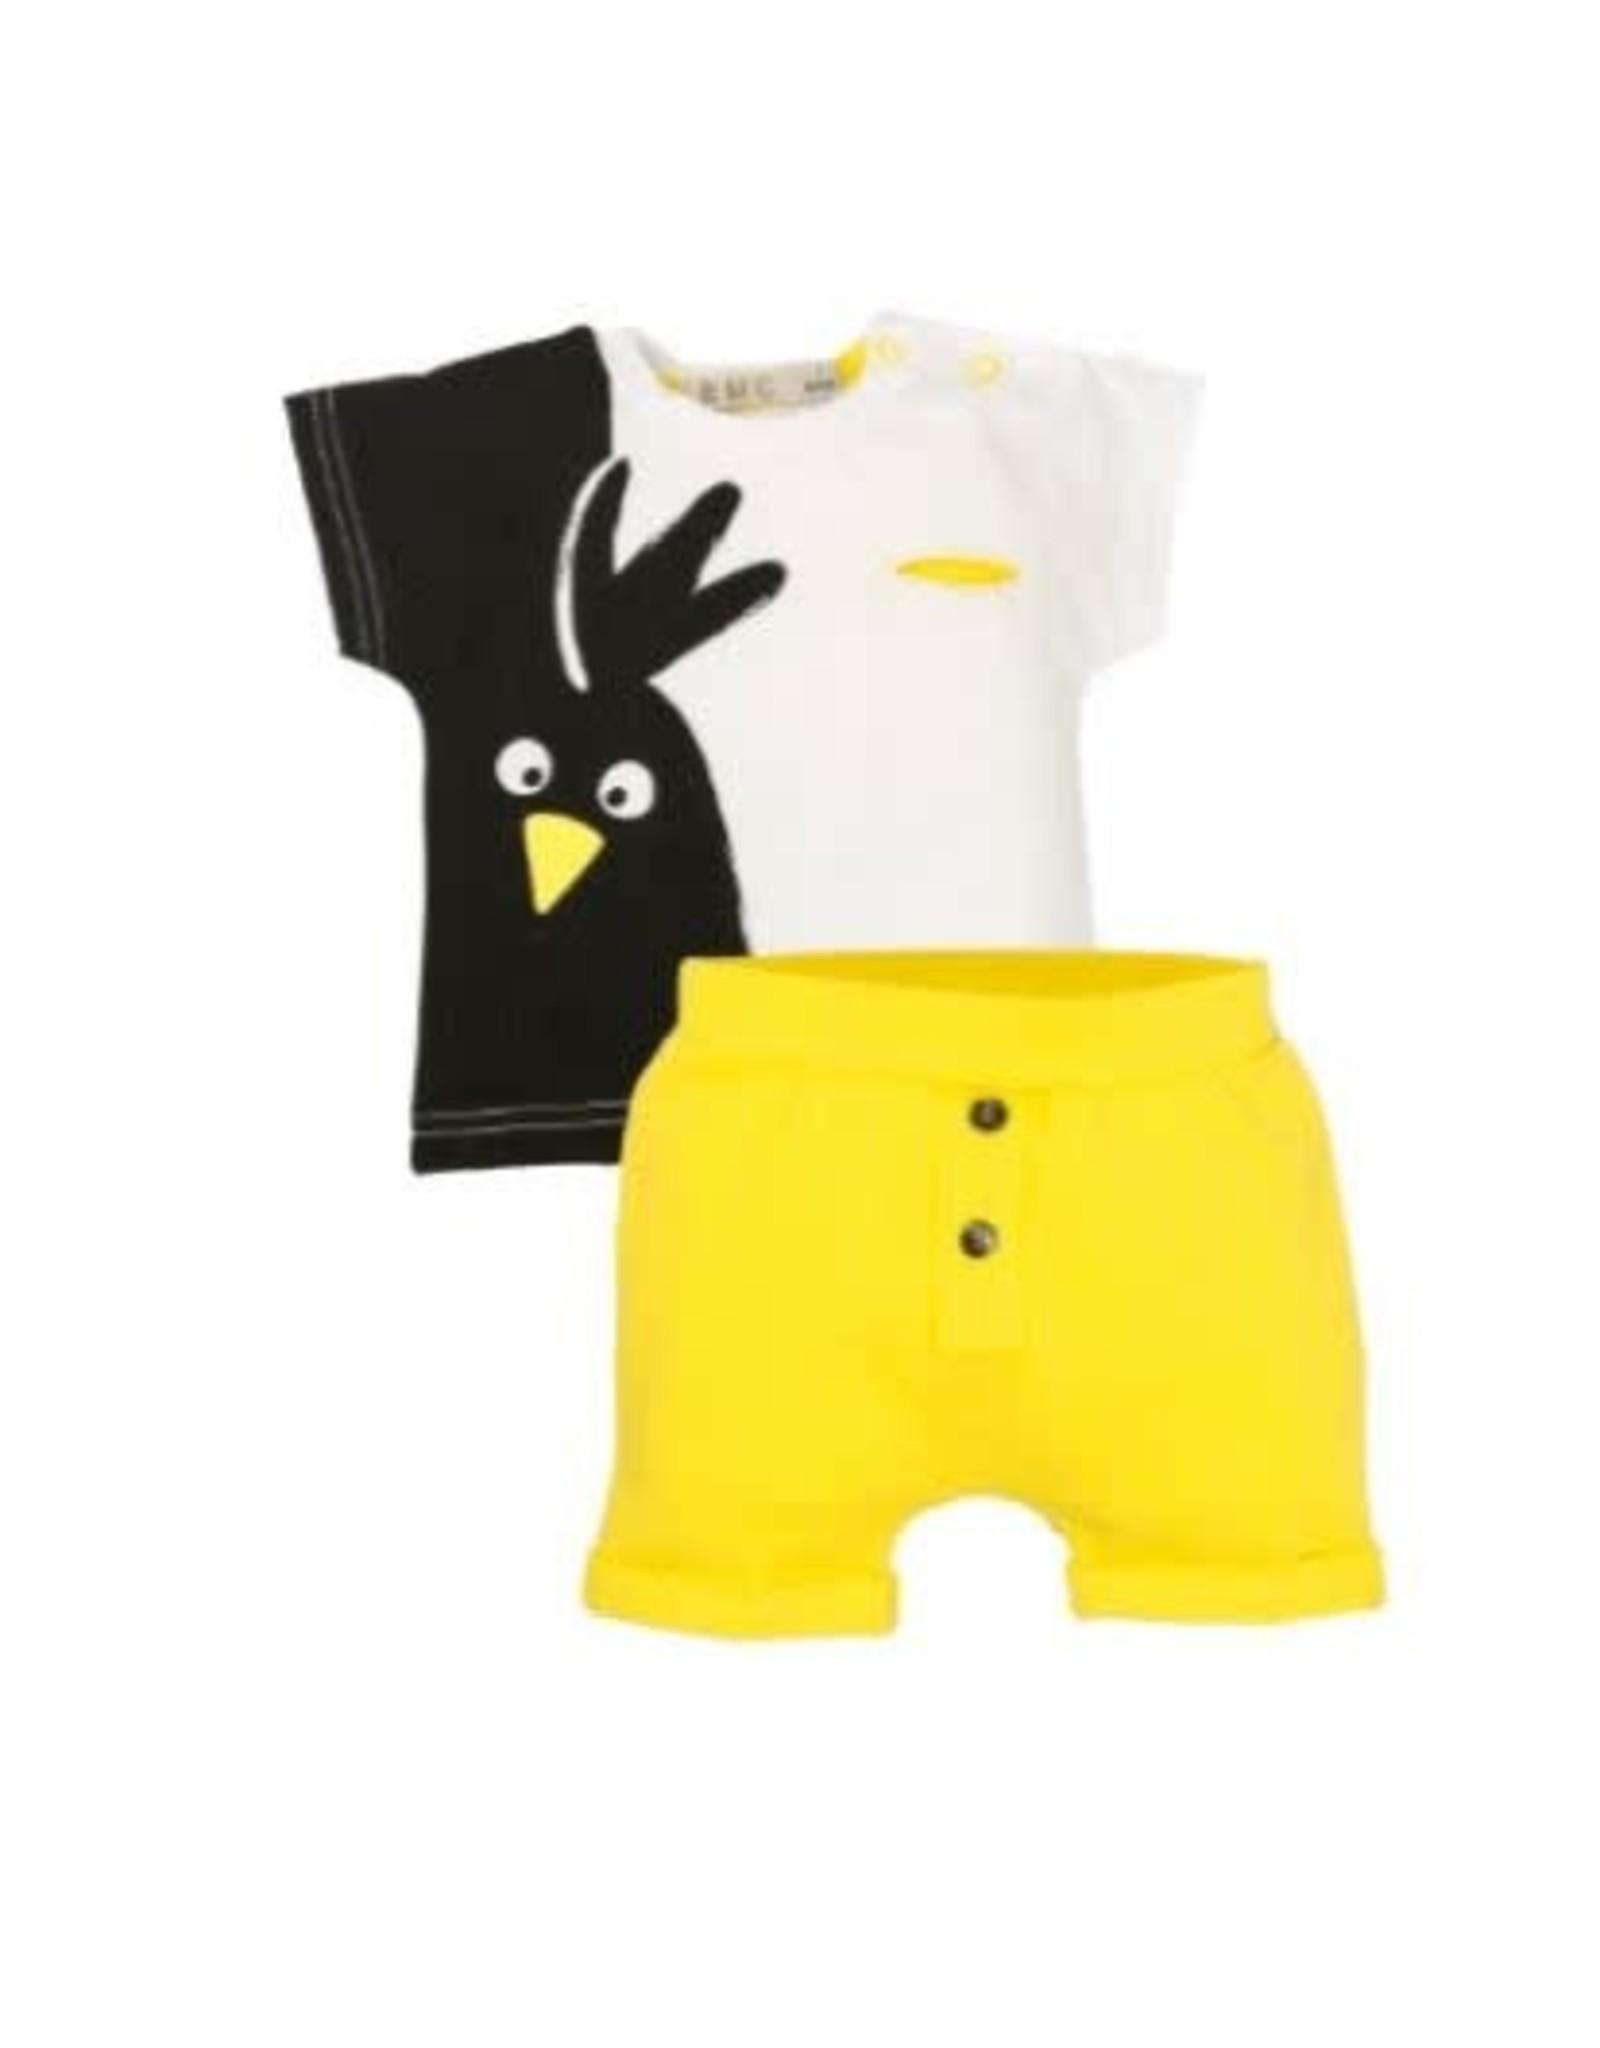 EMC Bird T-Shirt and Yellow Shorts